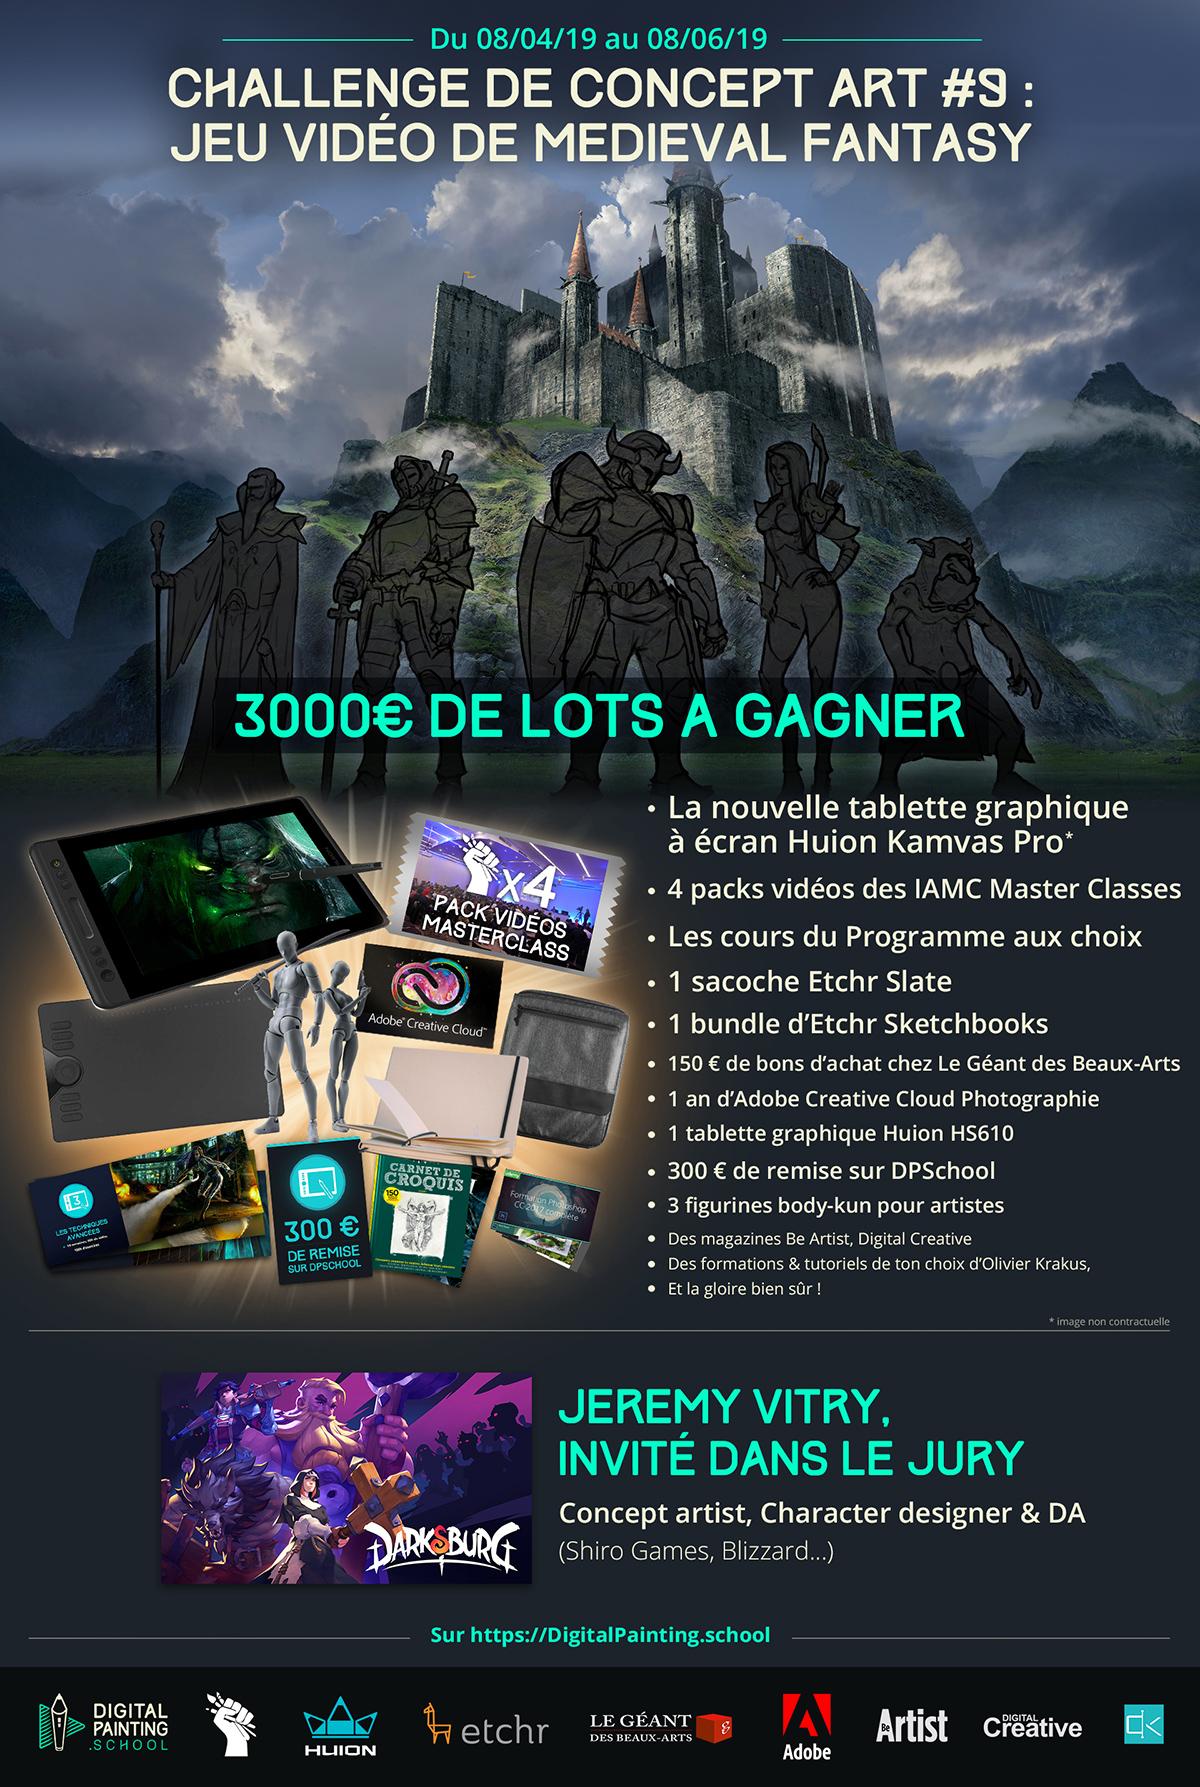 Challenge #9 de CONCEPT ART de fantasy avec 3000€ DE LOTS